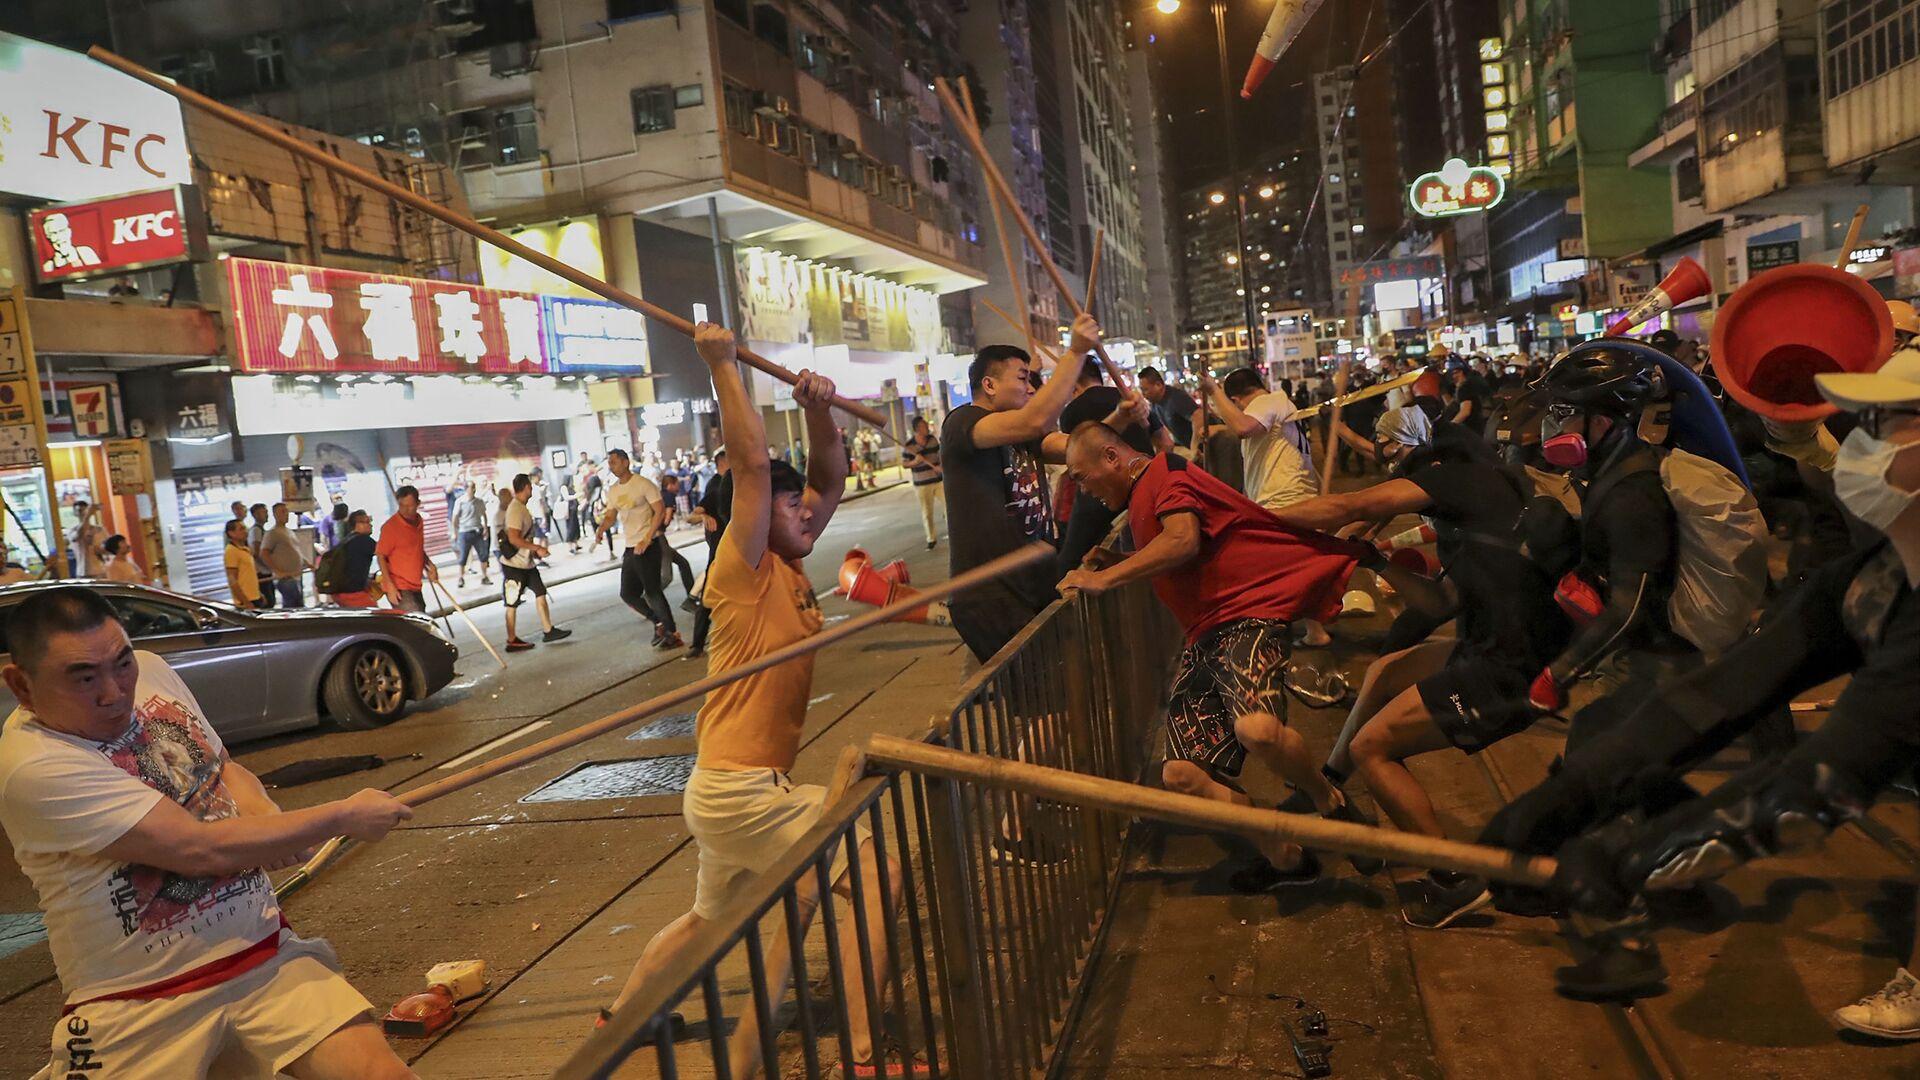 Le proteste a Hong Kong - Sputnik Italia, 1920, 15.08.2021